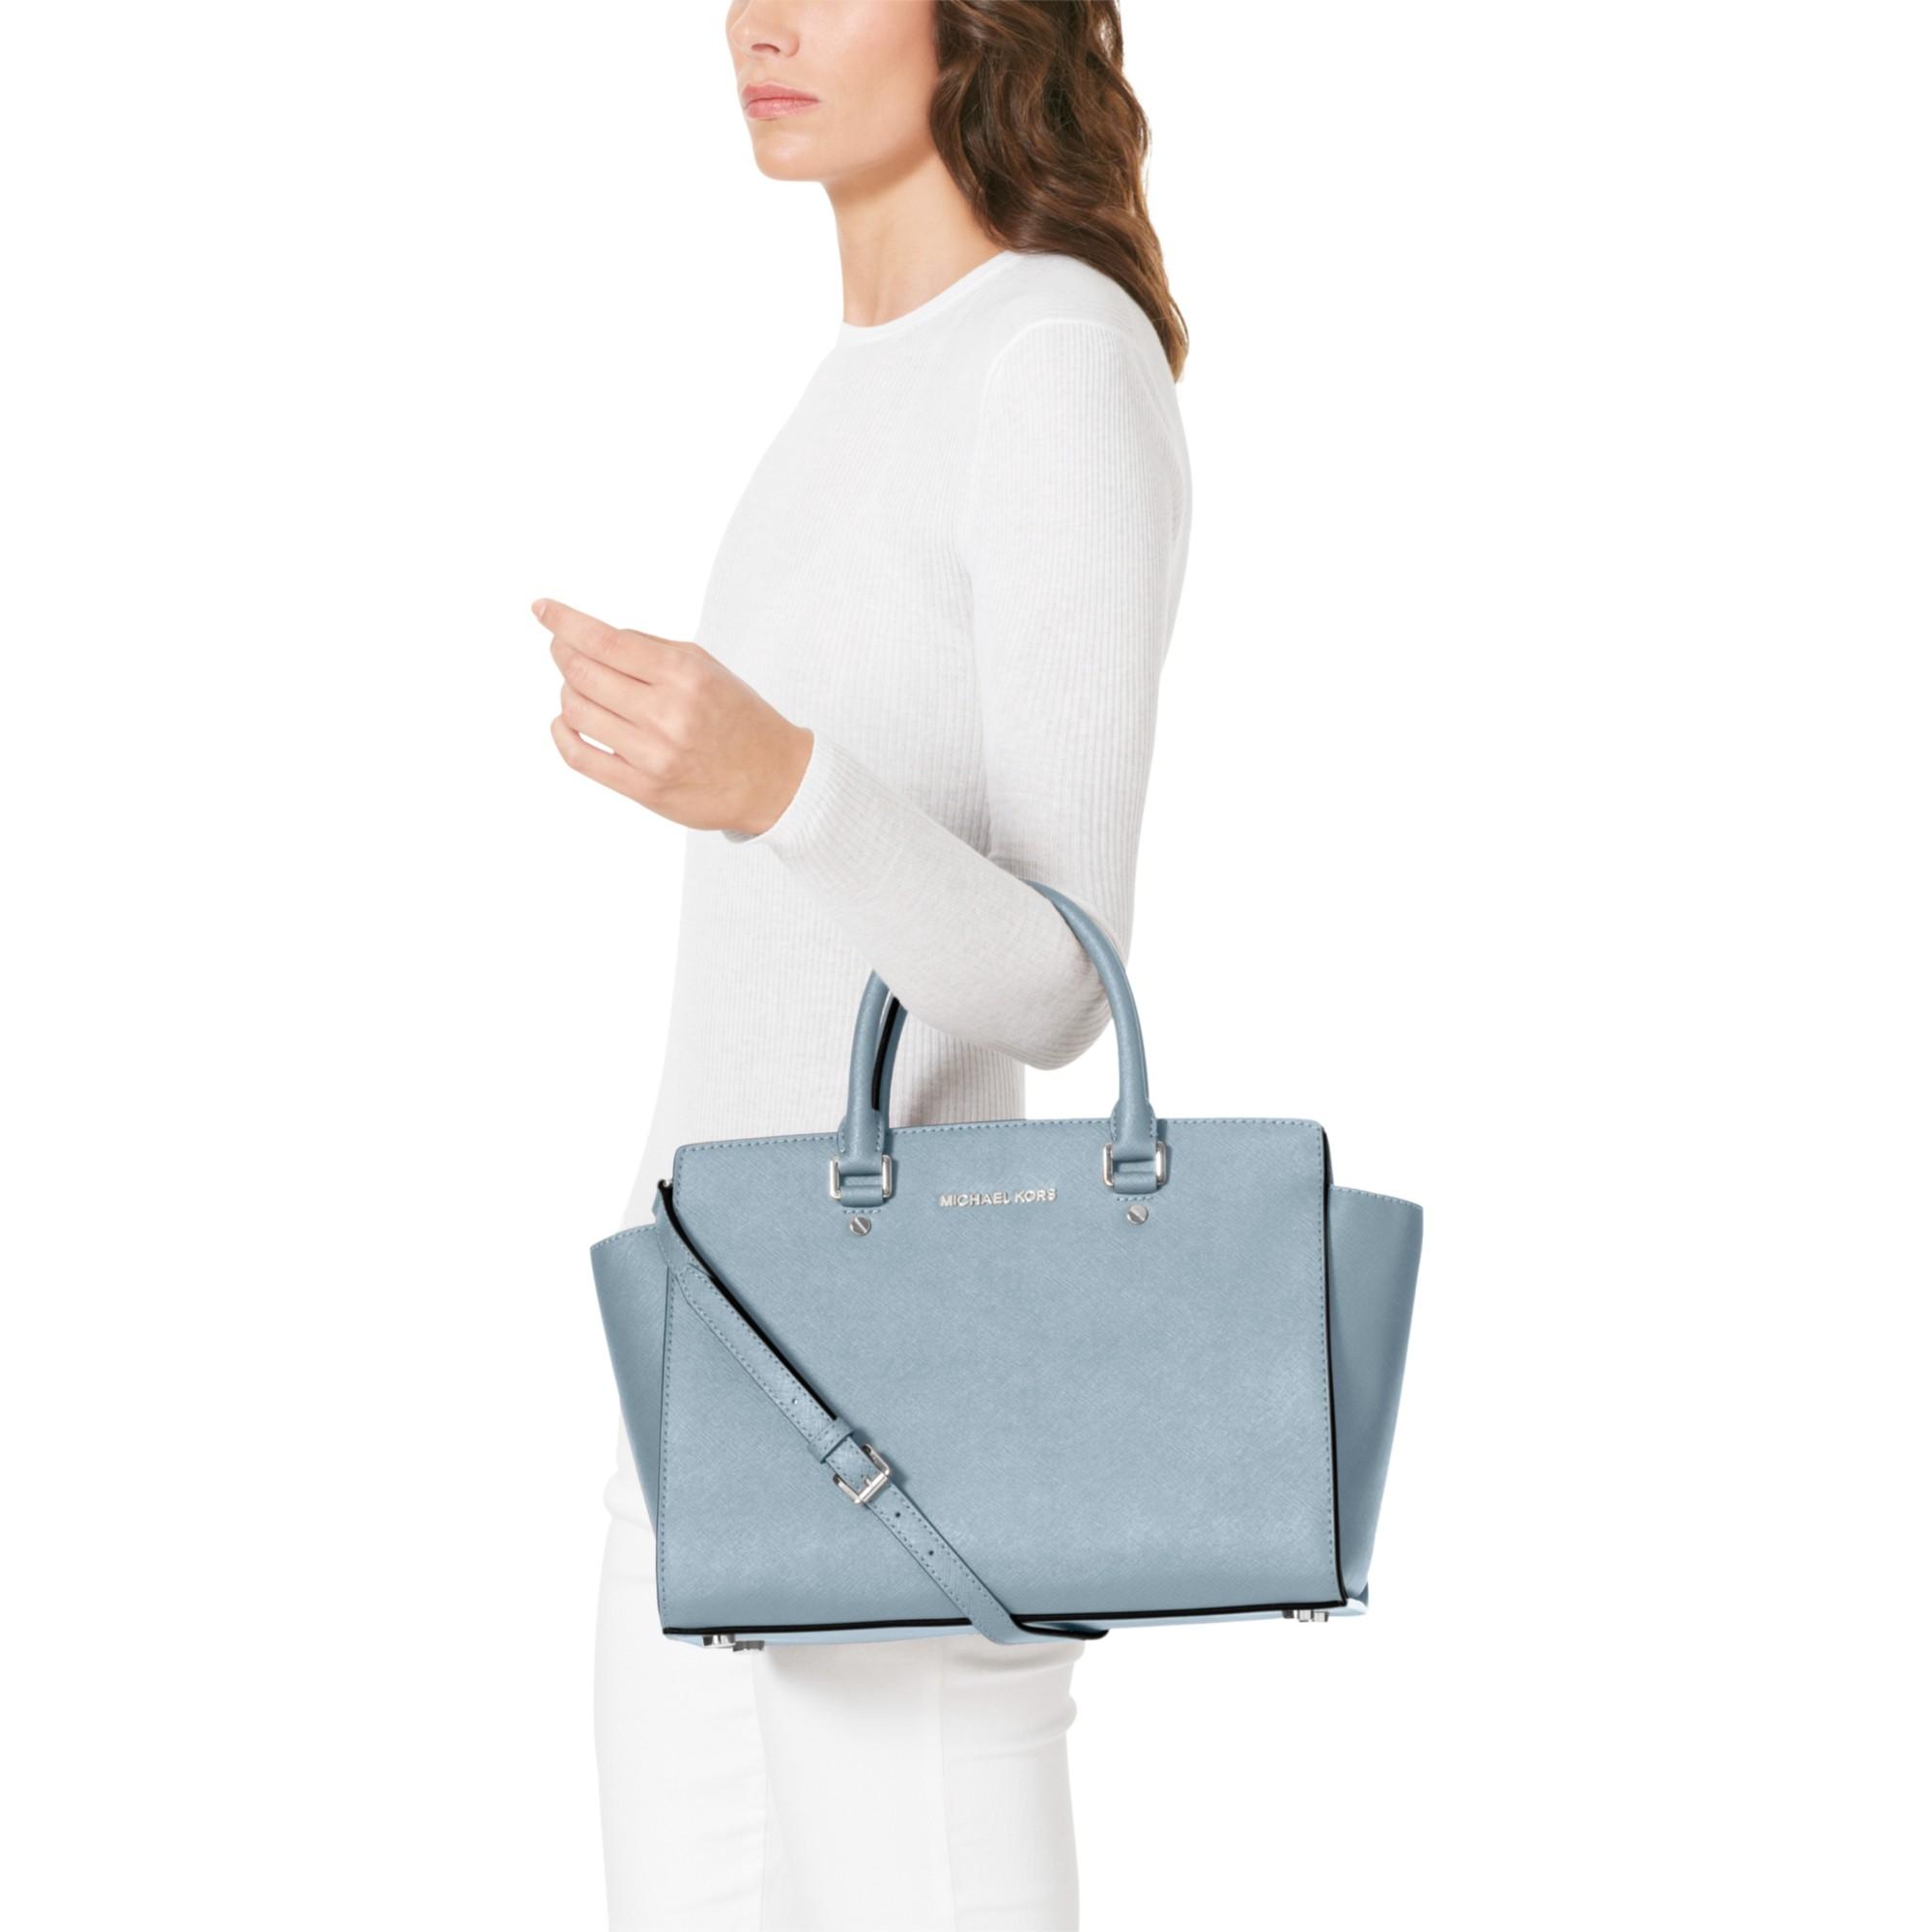 MICHAEL Michael Kors Selma Large Tote Bag in Powder Blue (Blue)